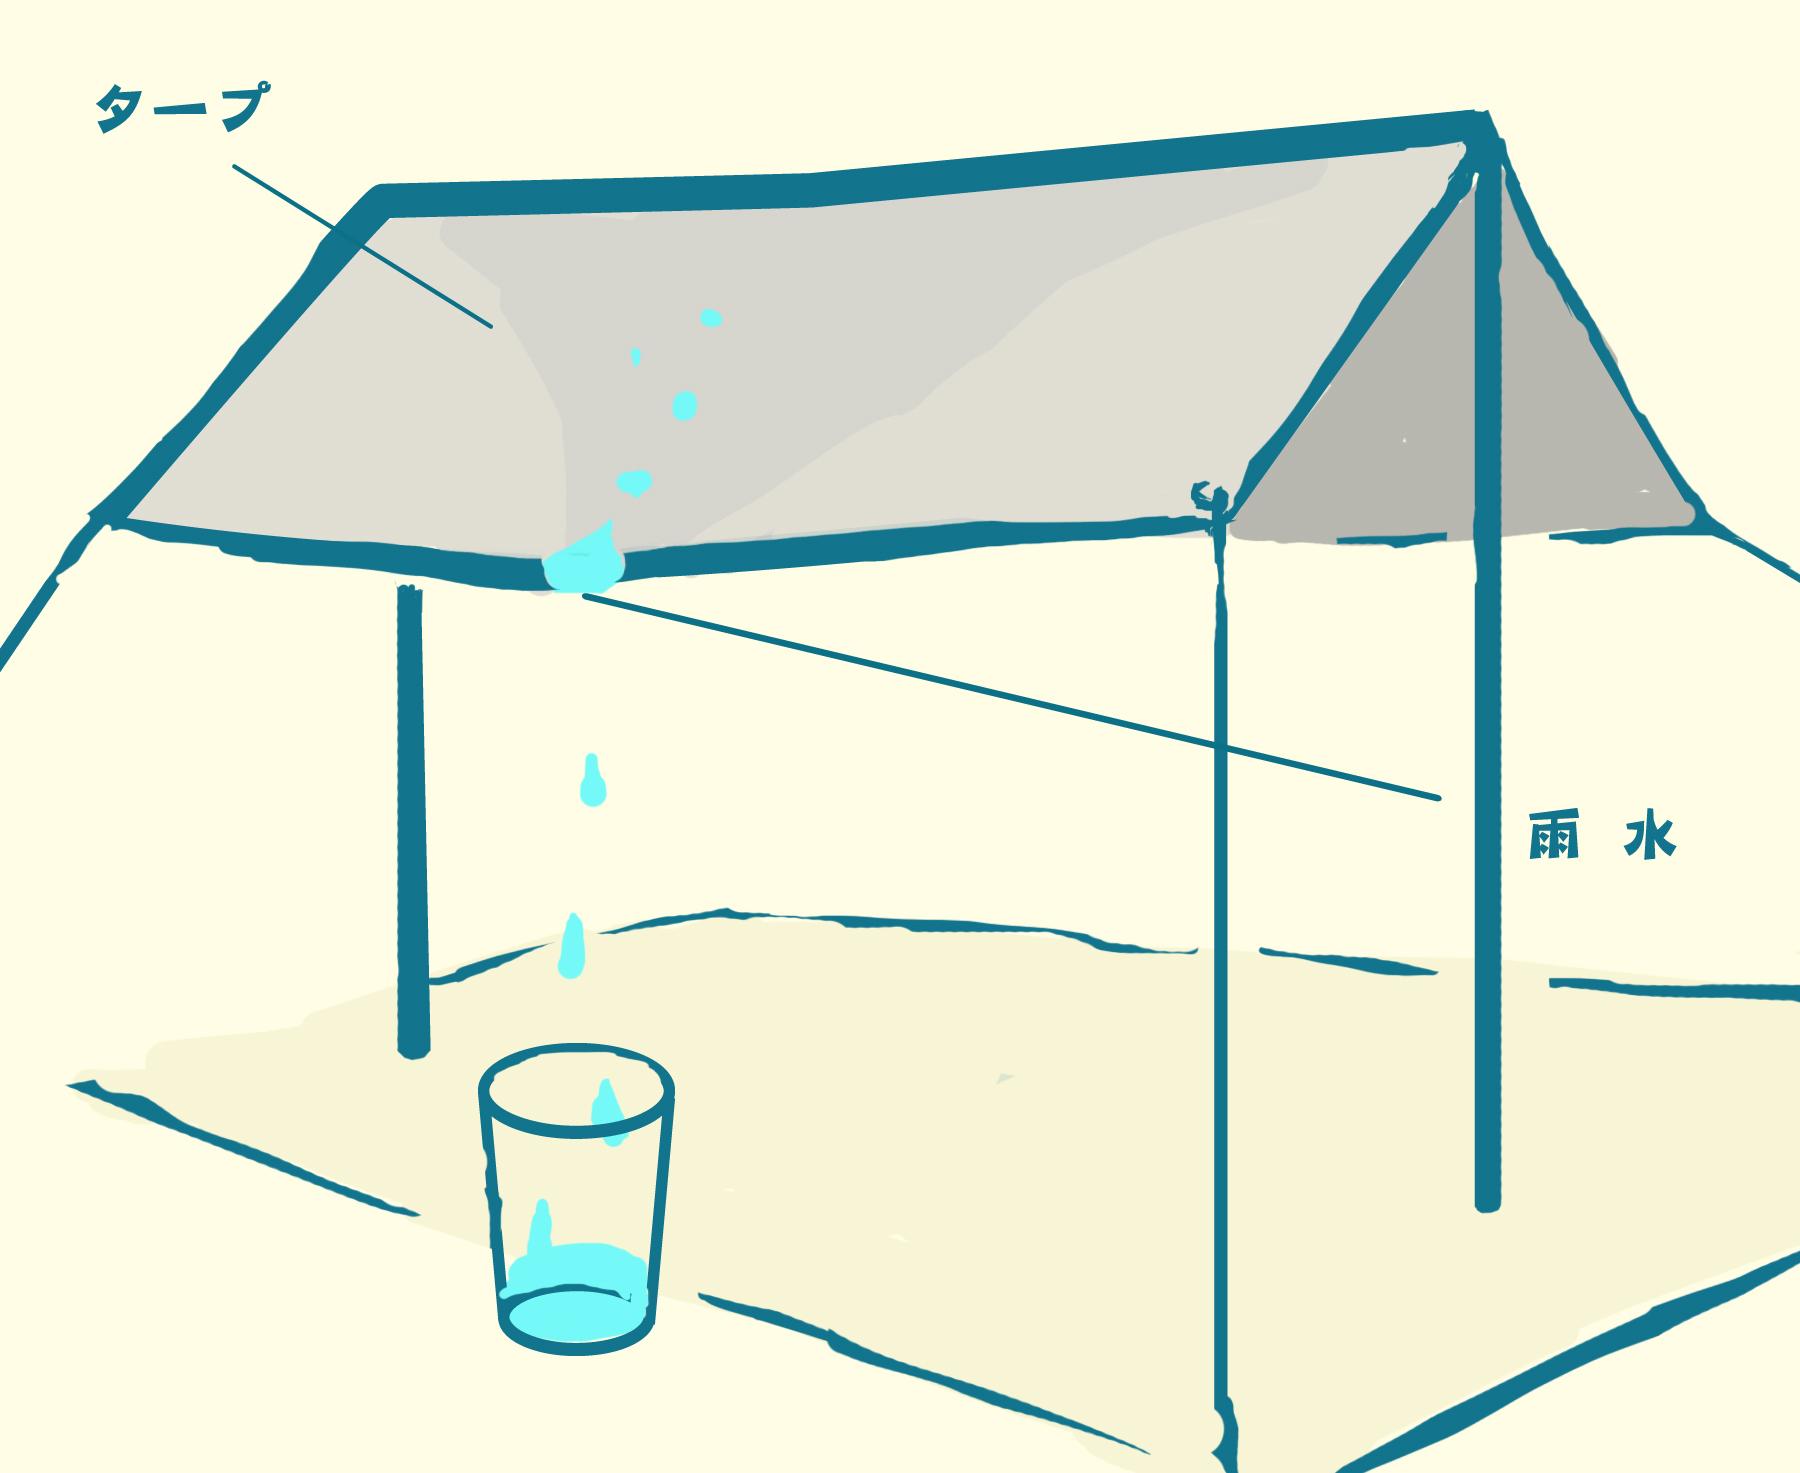 03雨水を効率よく集める方法